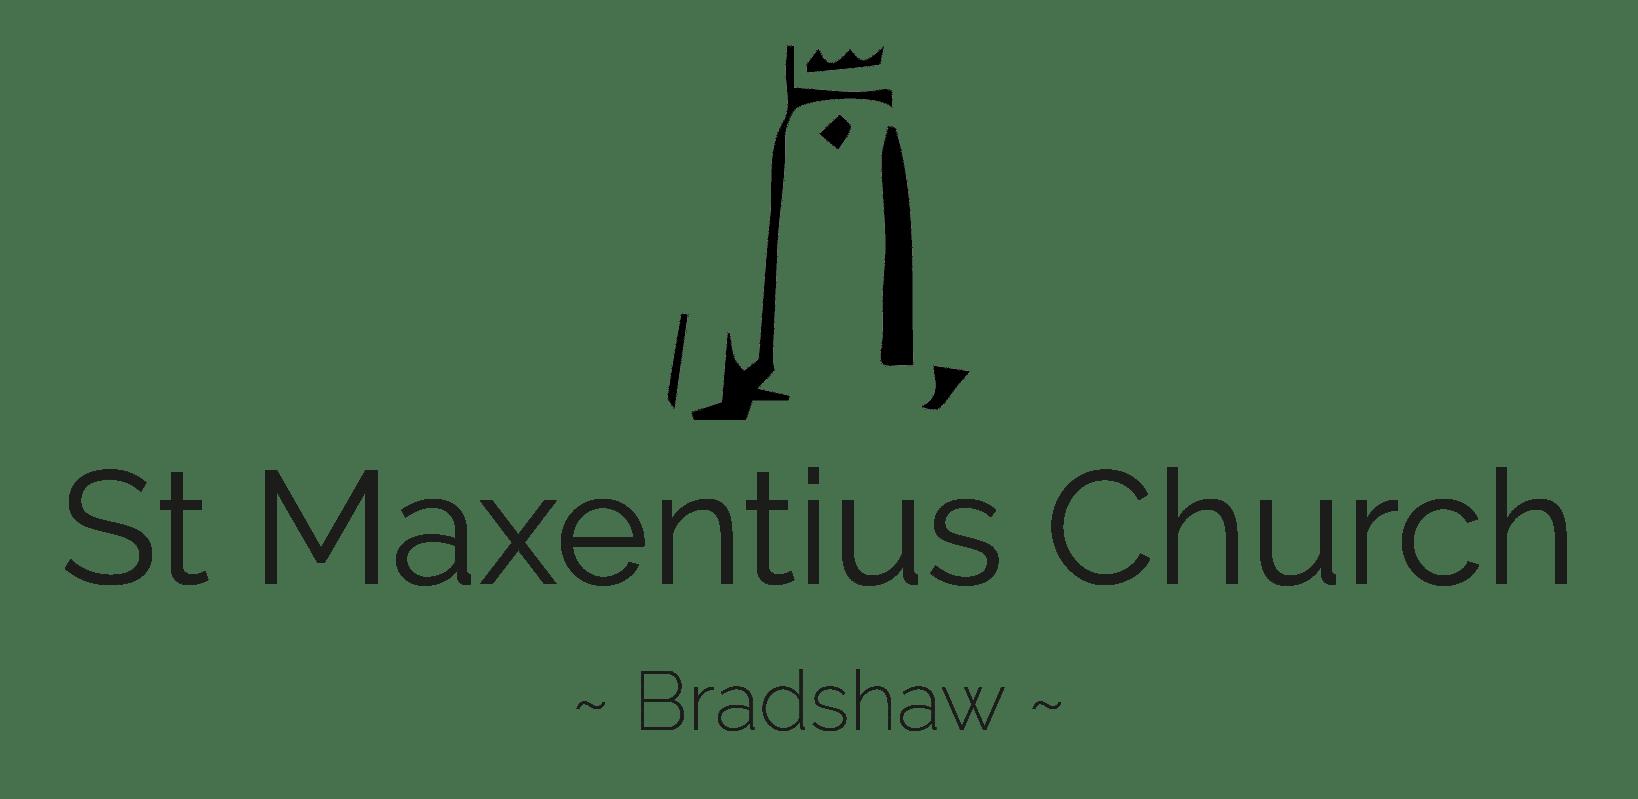 St Maxentius Church